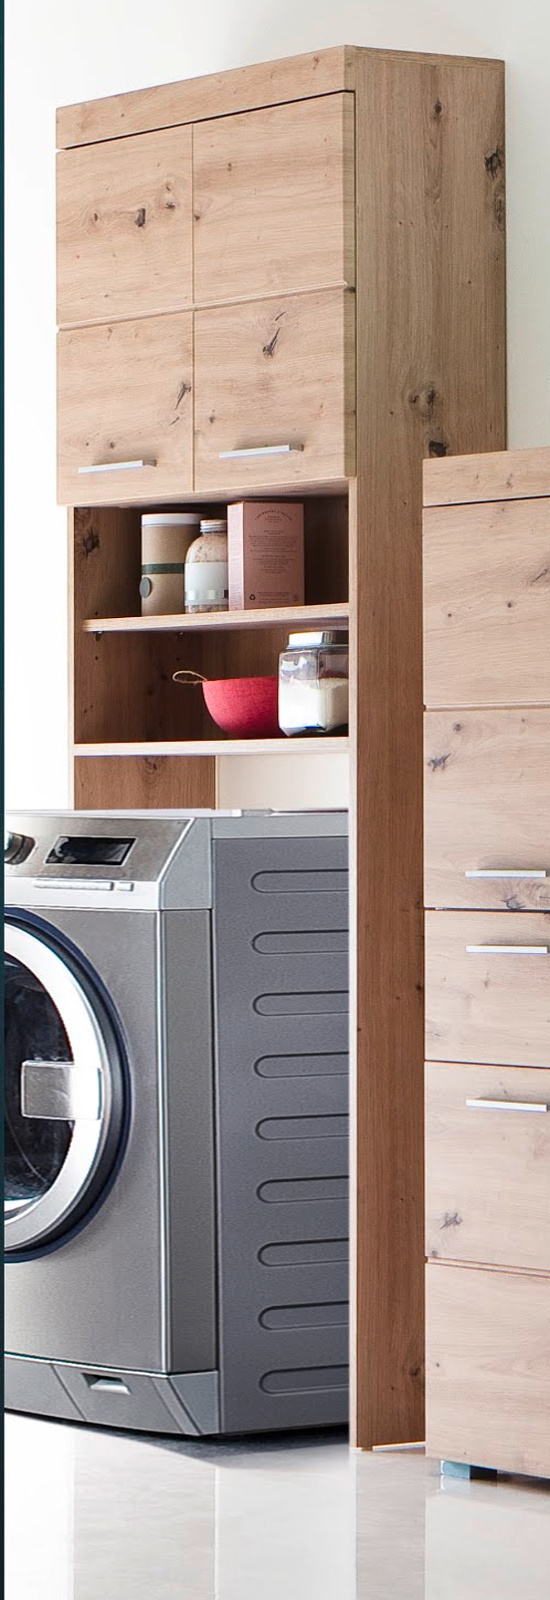 Badmobel Mit Waschmaschinenschrank.Waschmaschinenschrank Bad Amanda Eiche Asteiche 63 Cm